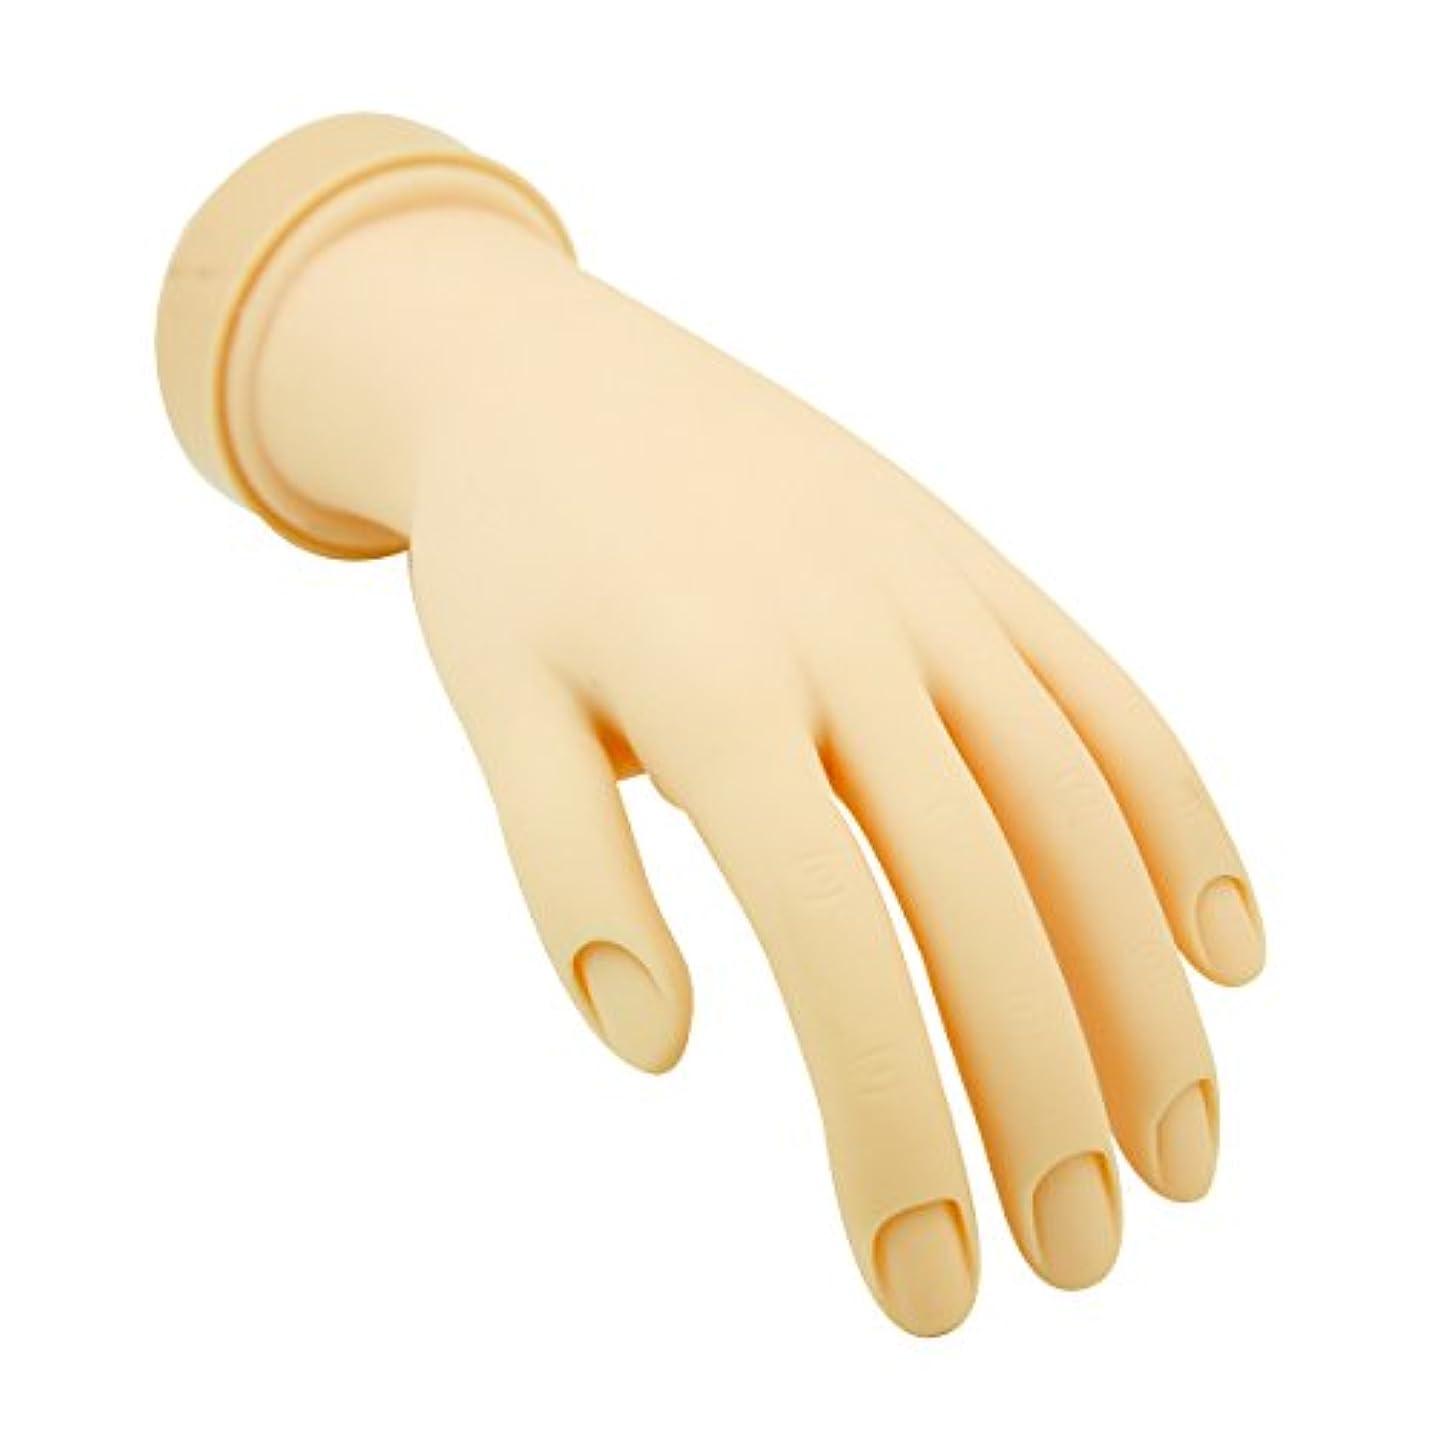 緯度求人ギャングスタートレーニングハンド (ネイル用) 左手 [ 練習用マネキン 手 指 ハンドマネキン マネキン 施術用 トレーニング ]